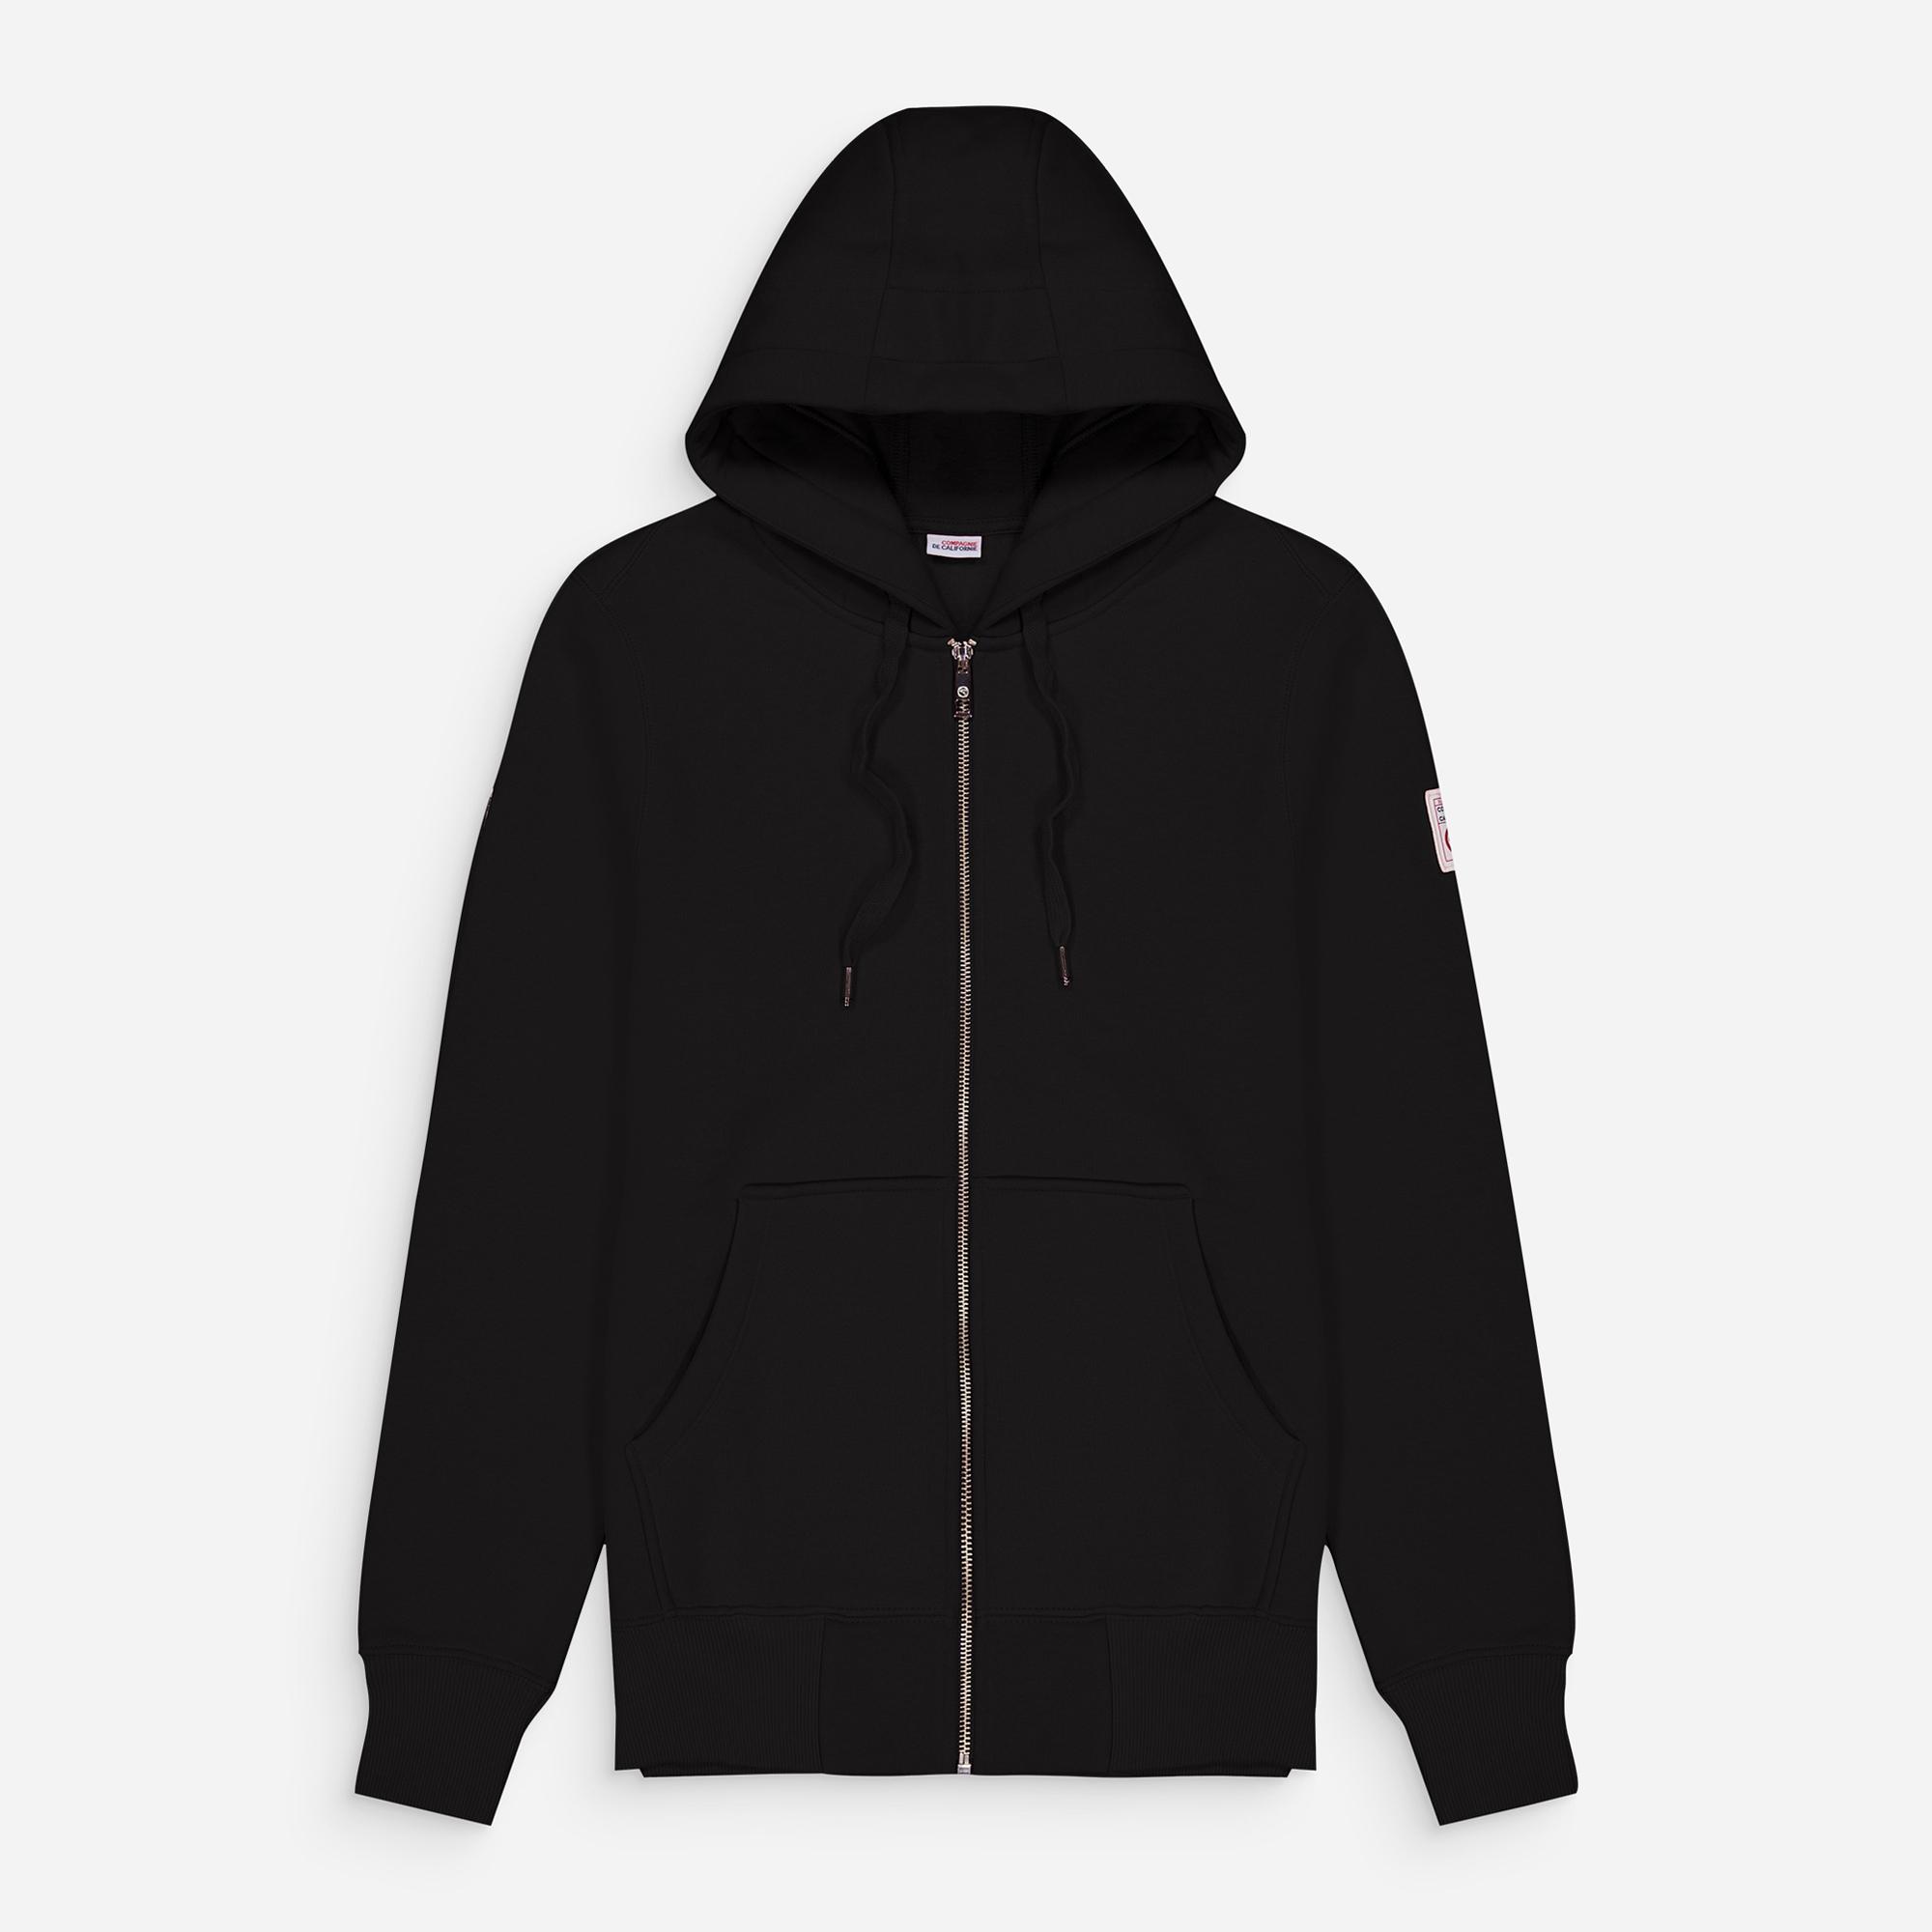 new cupertino hoodie zip black 1